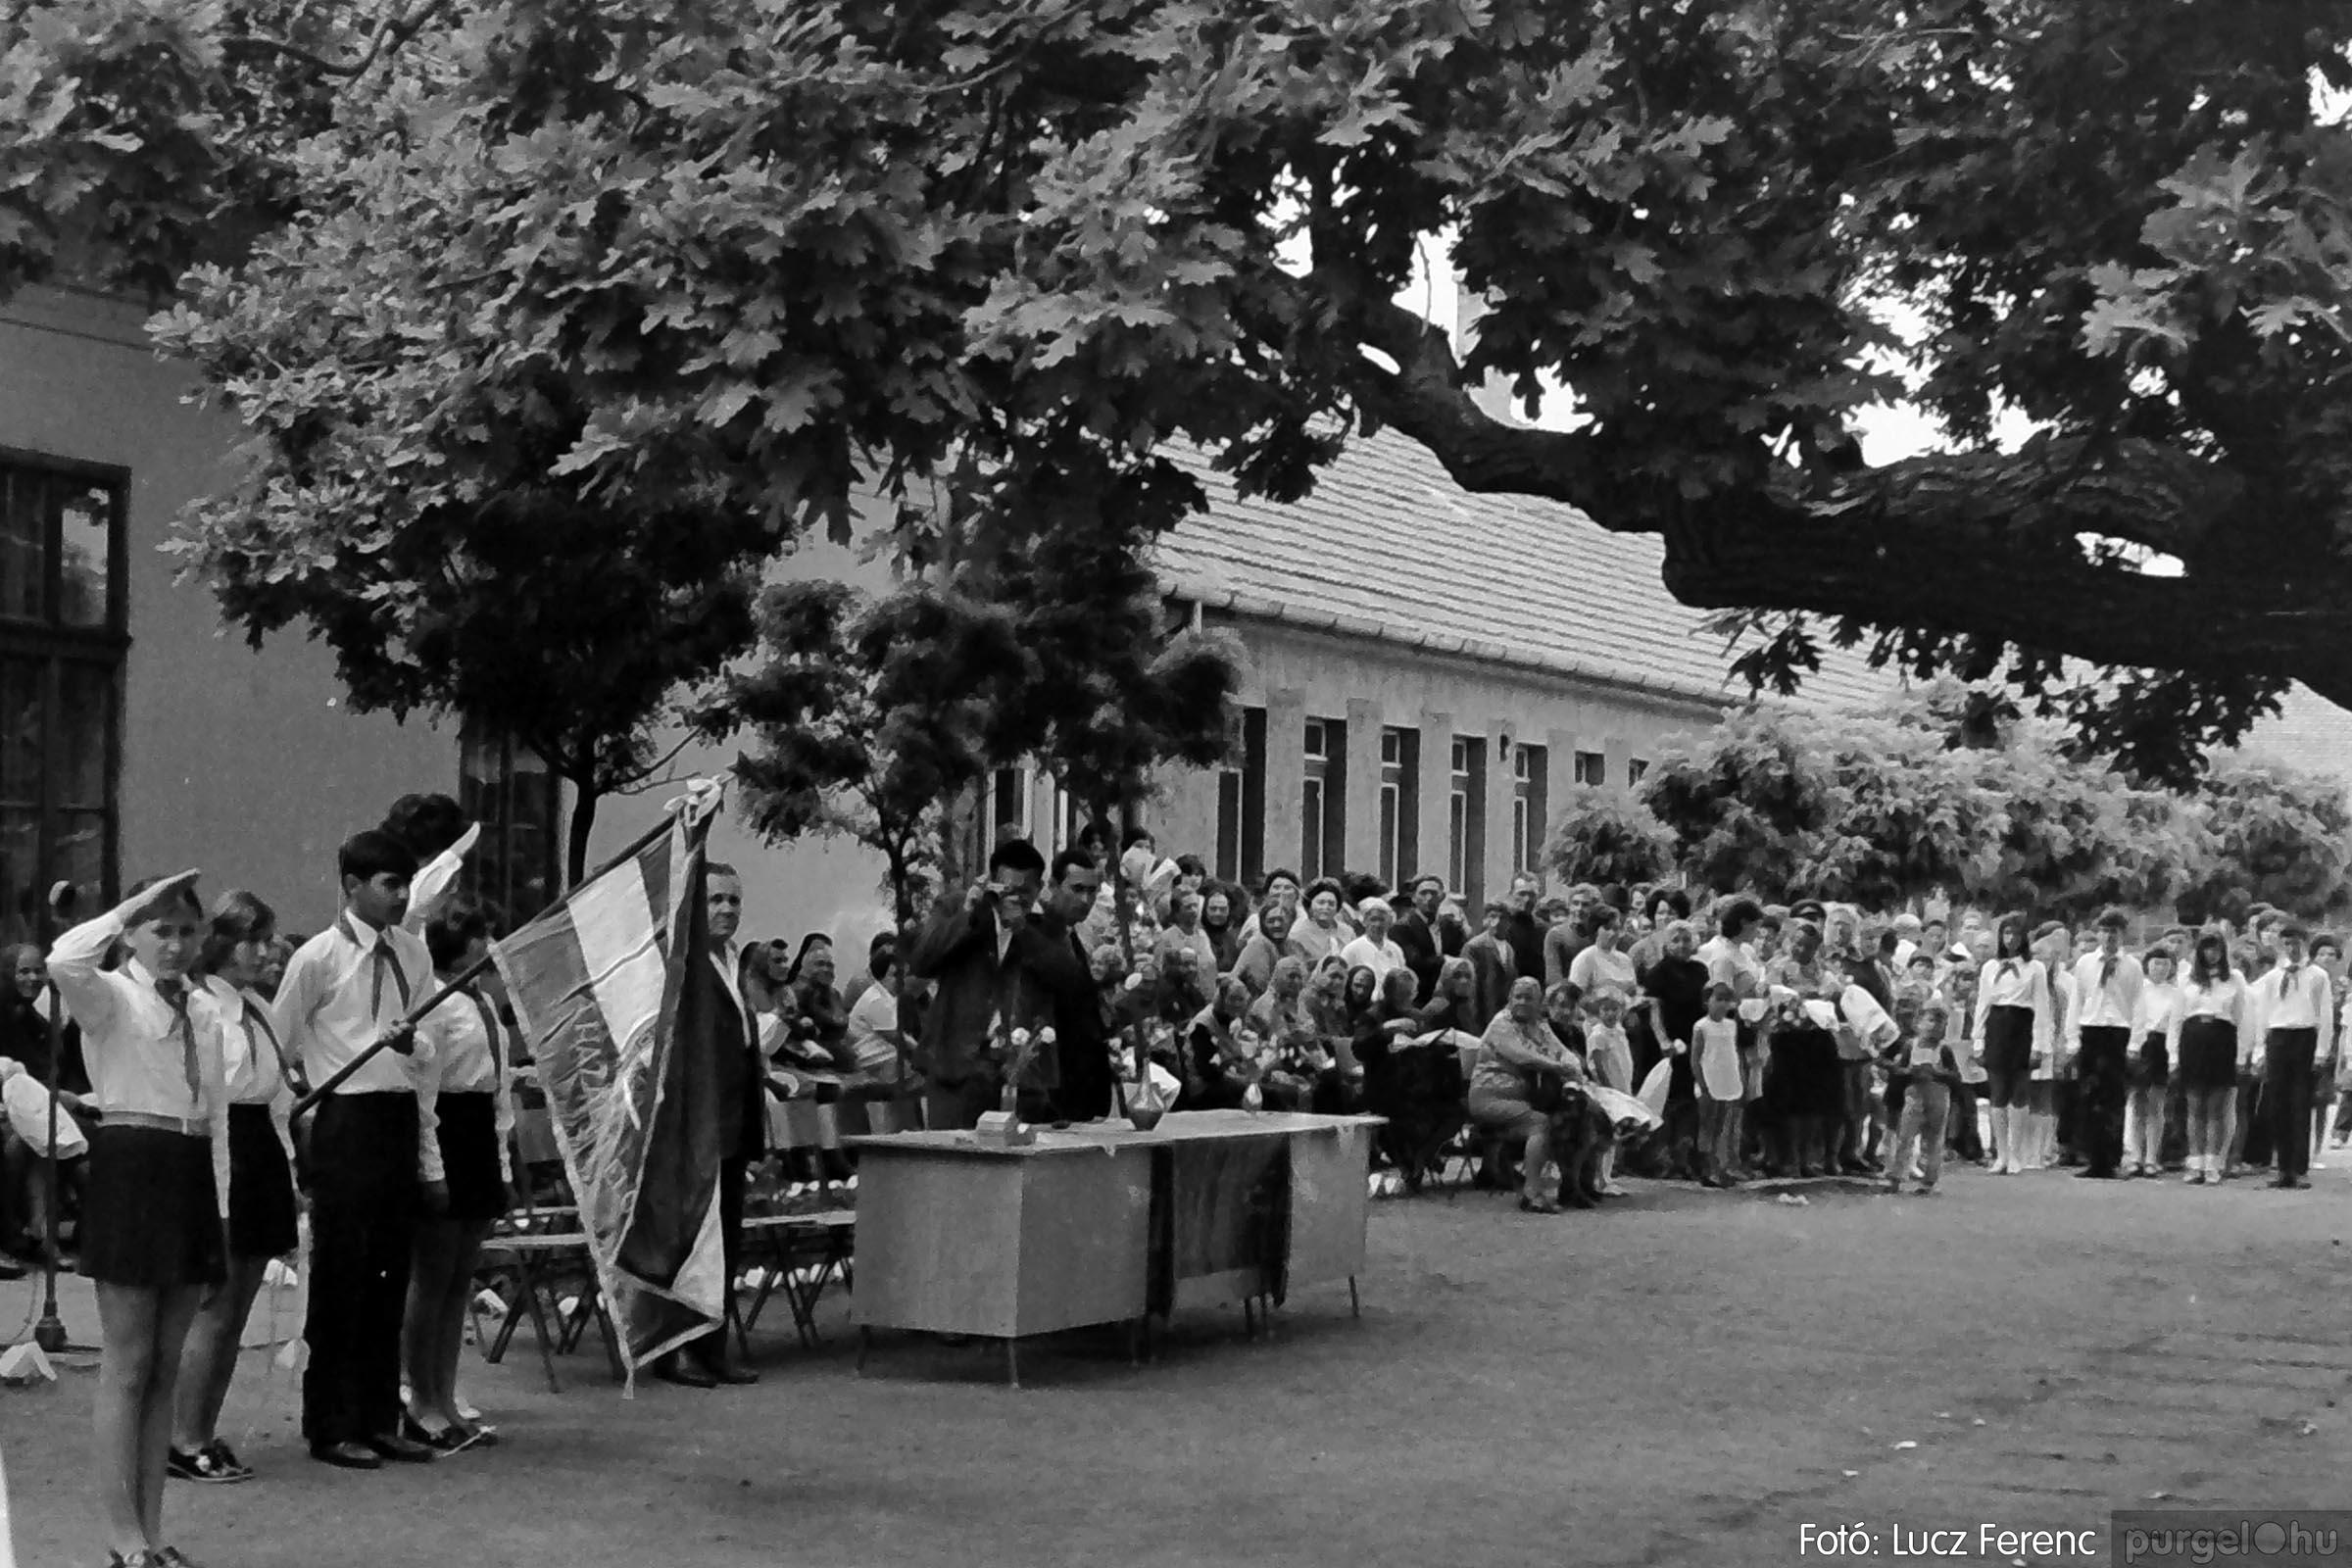 001 1972.05.27. Ballagás a szegvári iskolában 024 - Fotó: Lucz Ferenc - IMG01081q.jpg